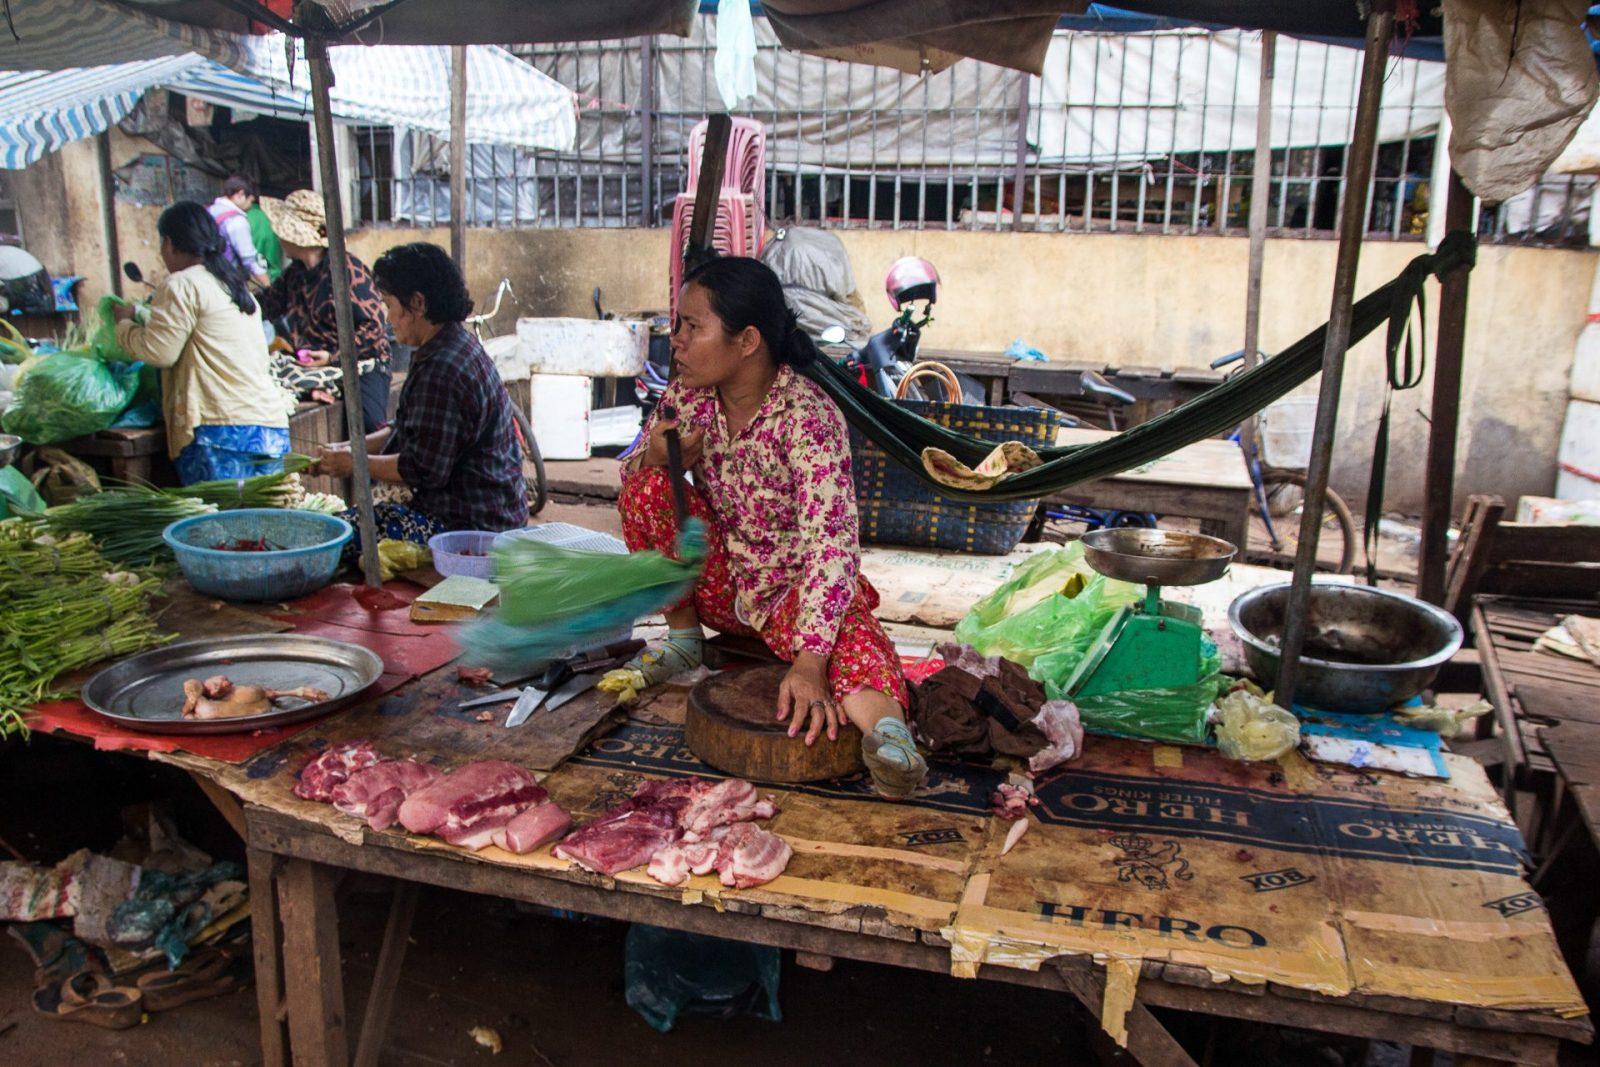 Stánek s čerstvým masem na trhu